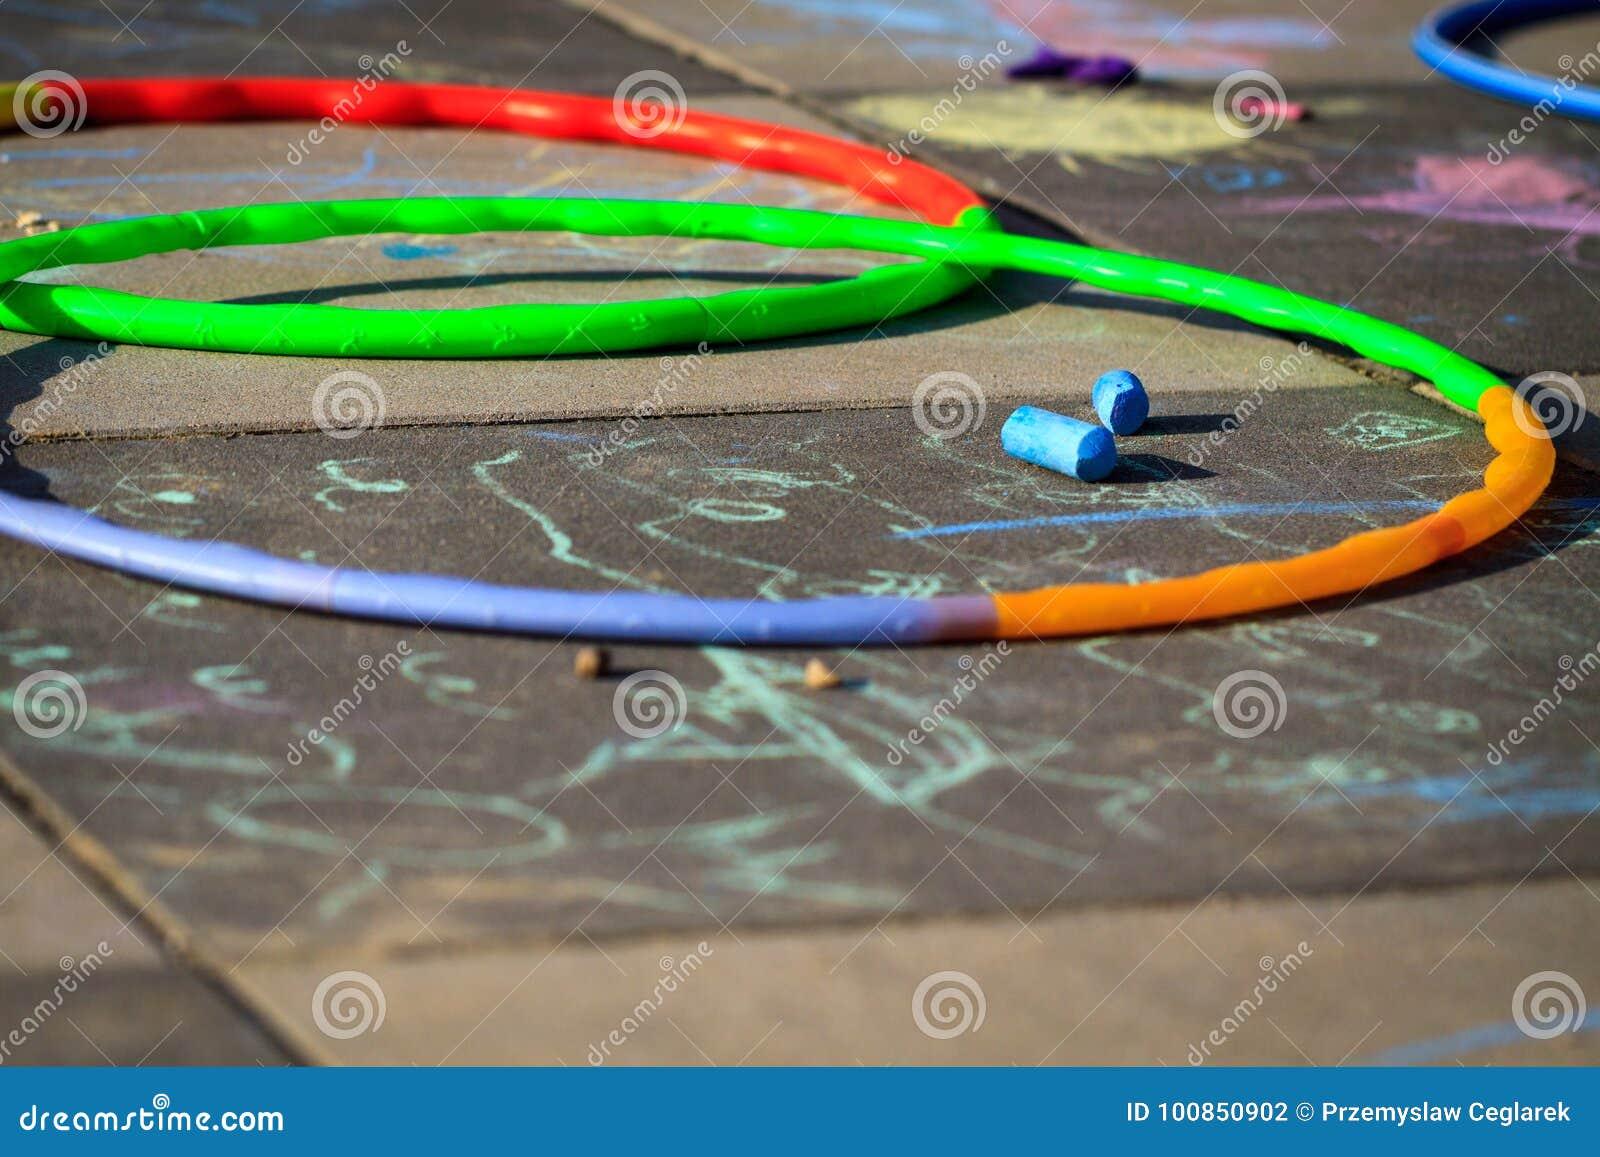 Aros pequenas do hula do jogo da menina no campo de jogos